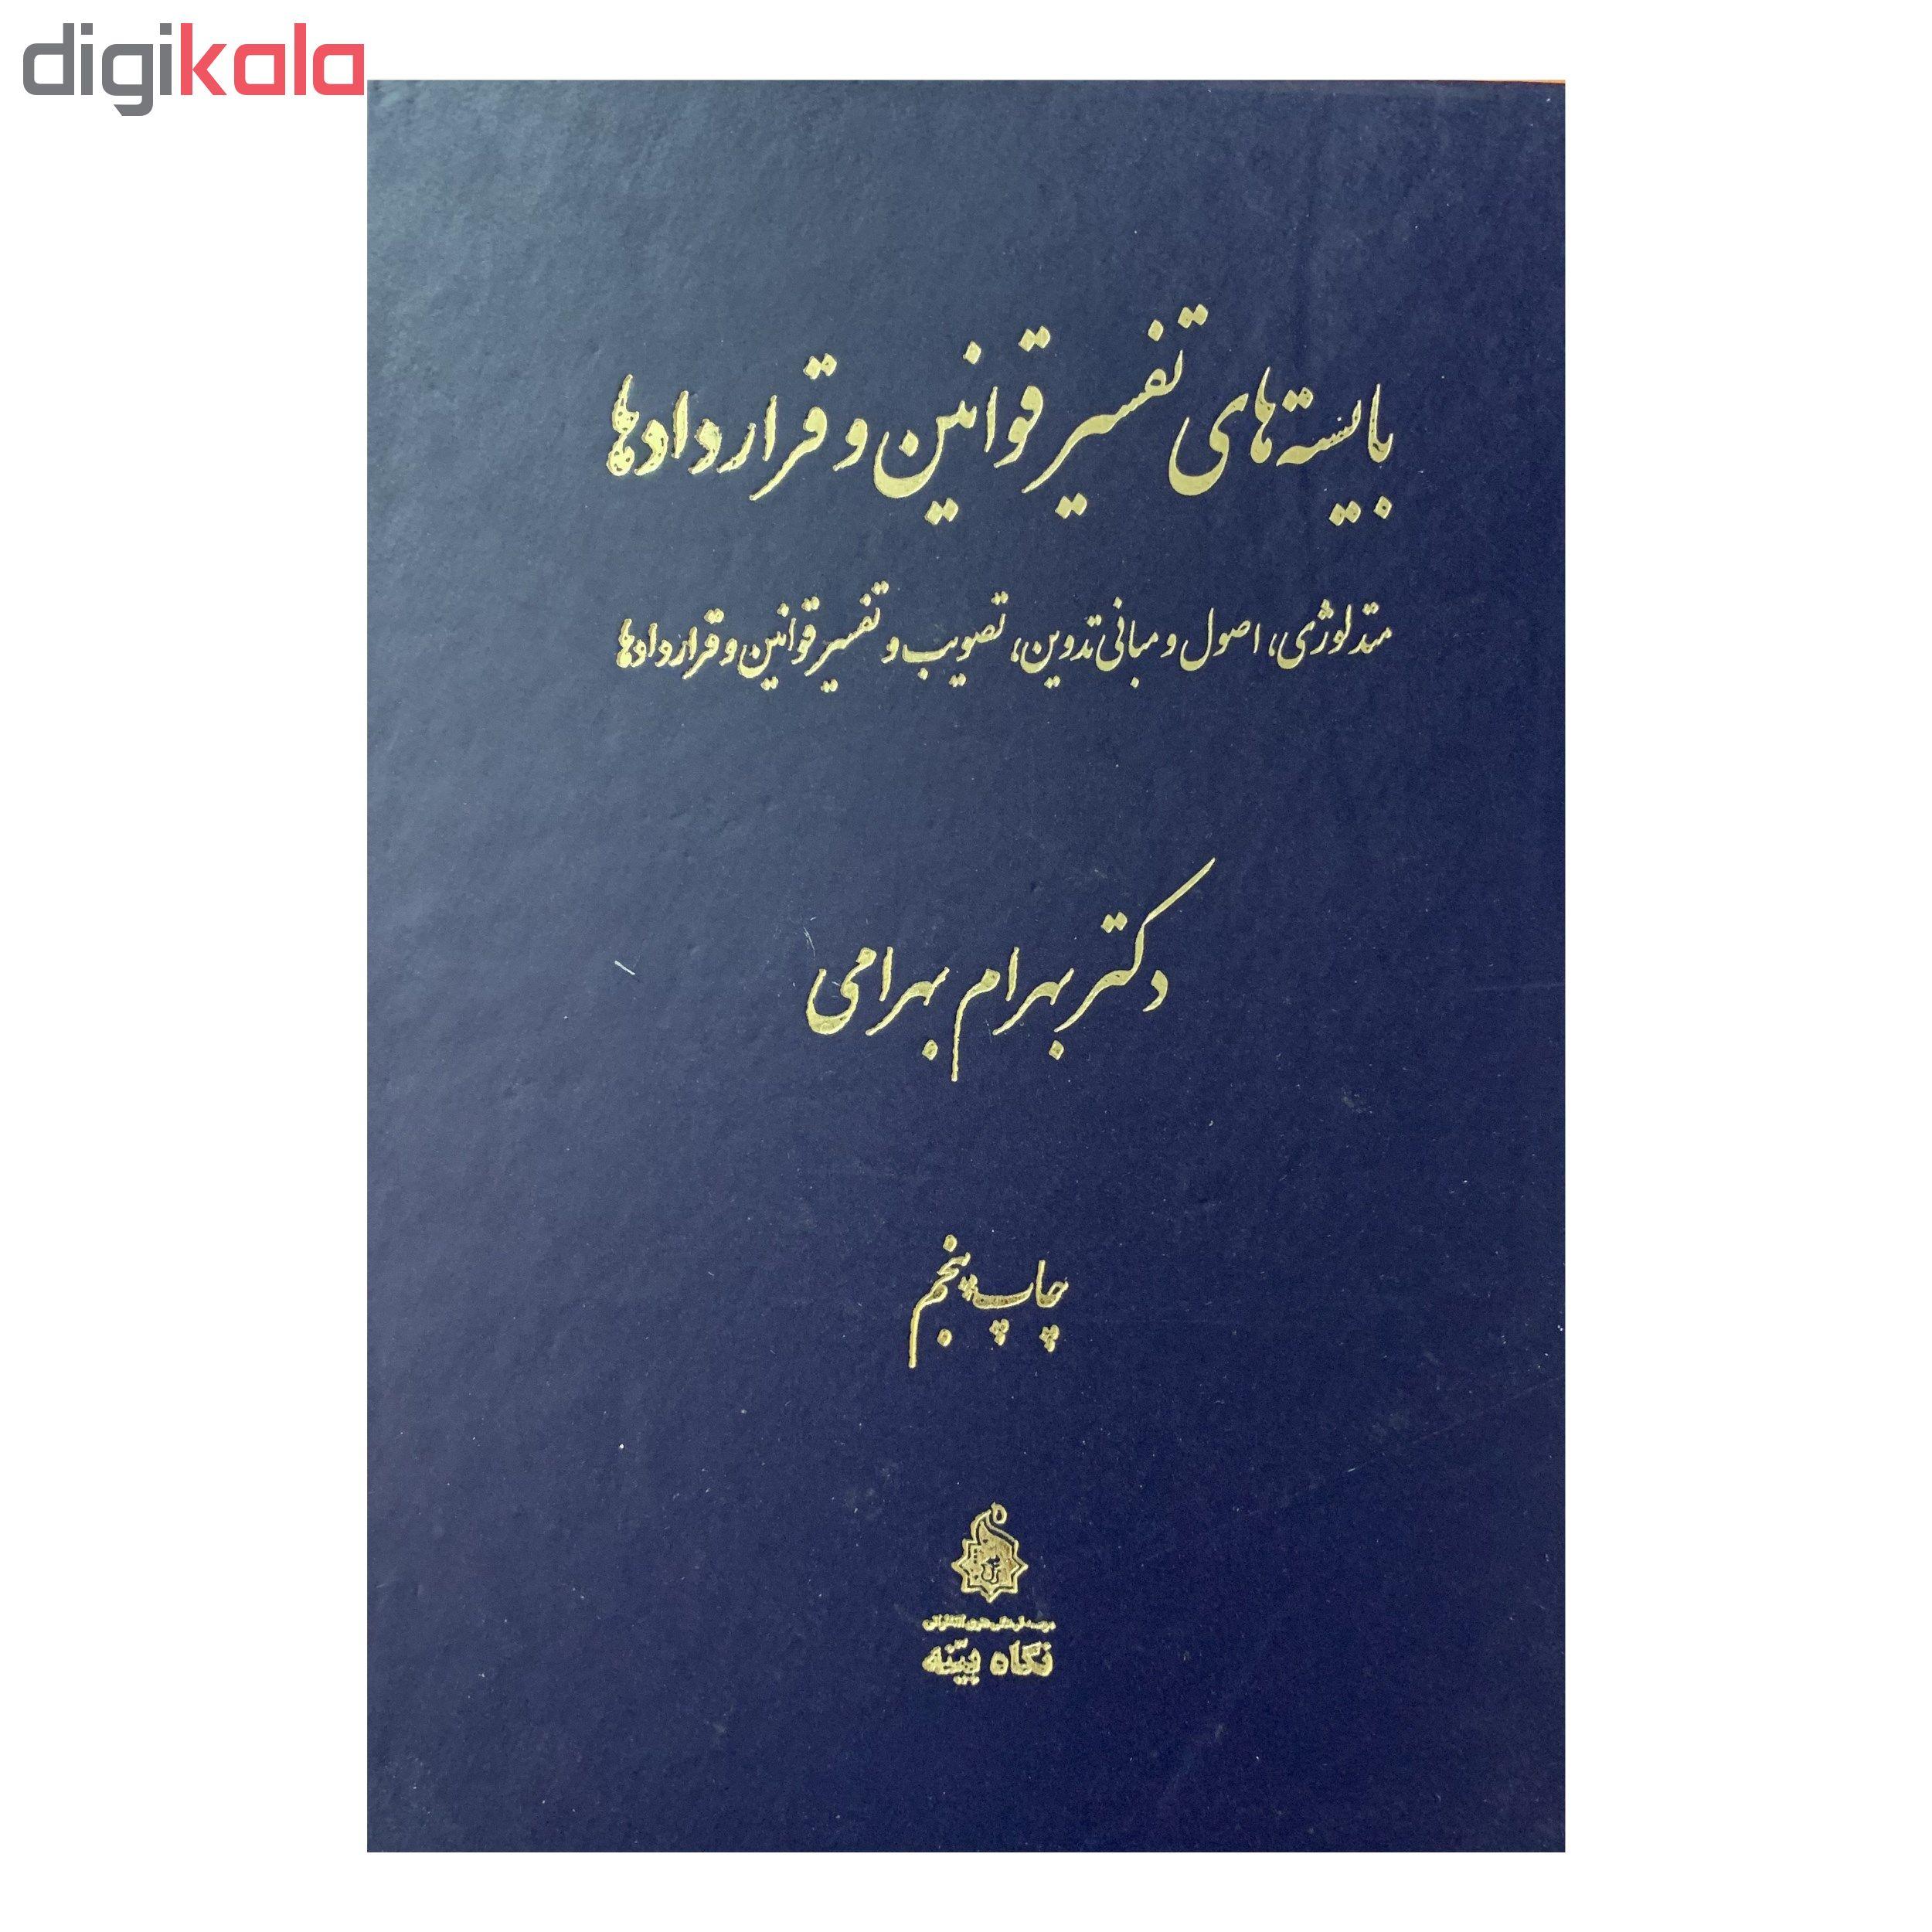 خرید                      کتاب بایسته های تفسیر قوانین و قراردادها اثر دکتر بهرام بهرامی انتشارات نگاه بینه